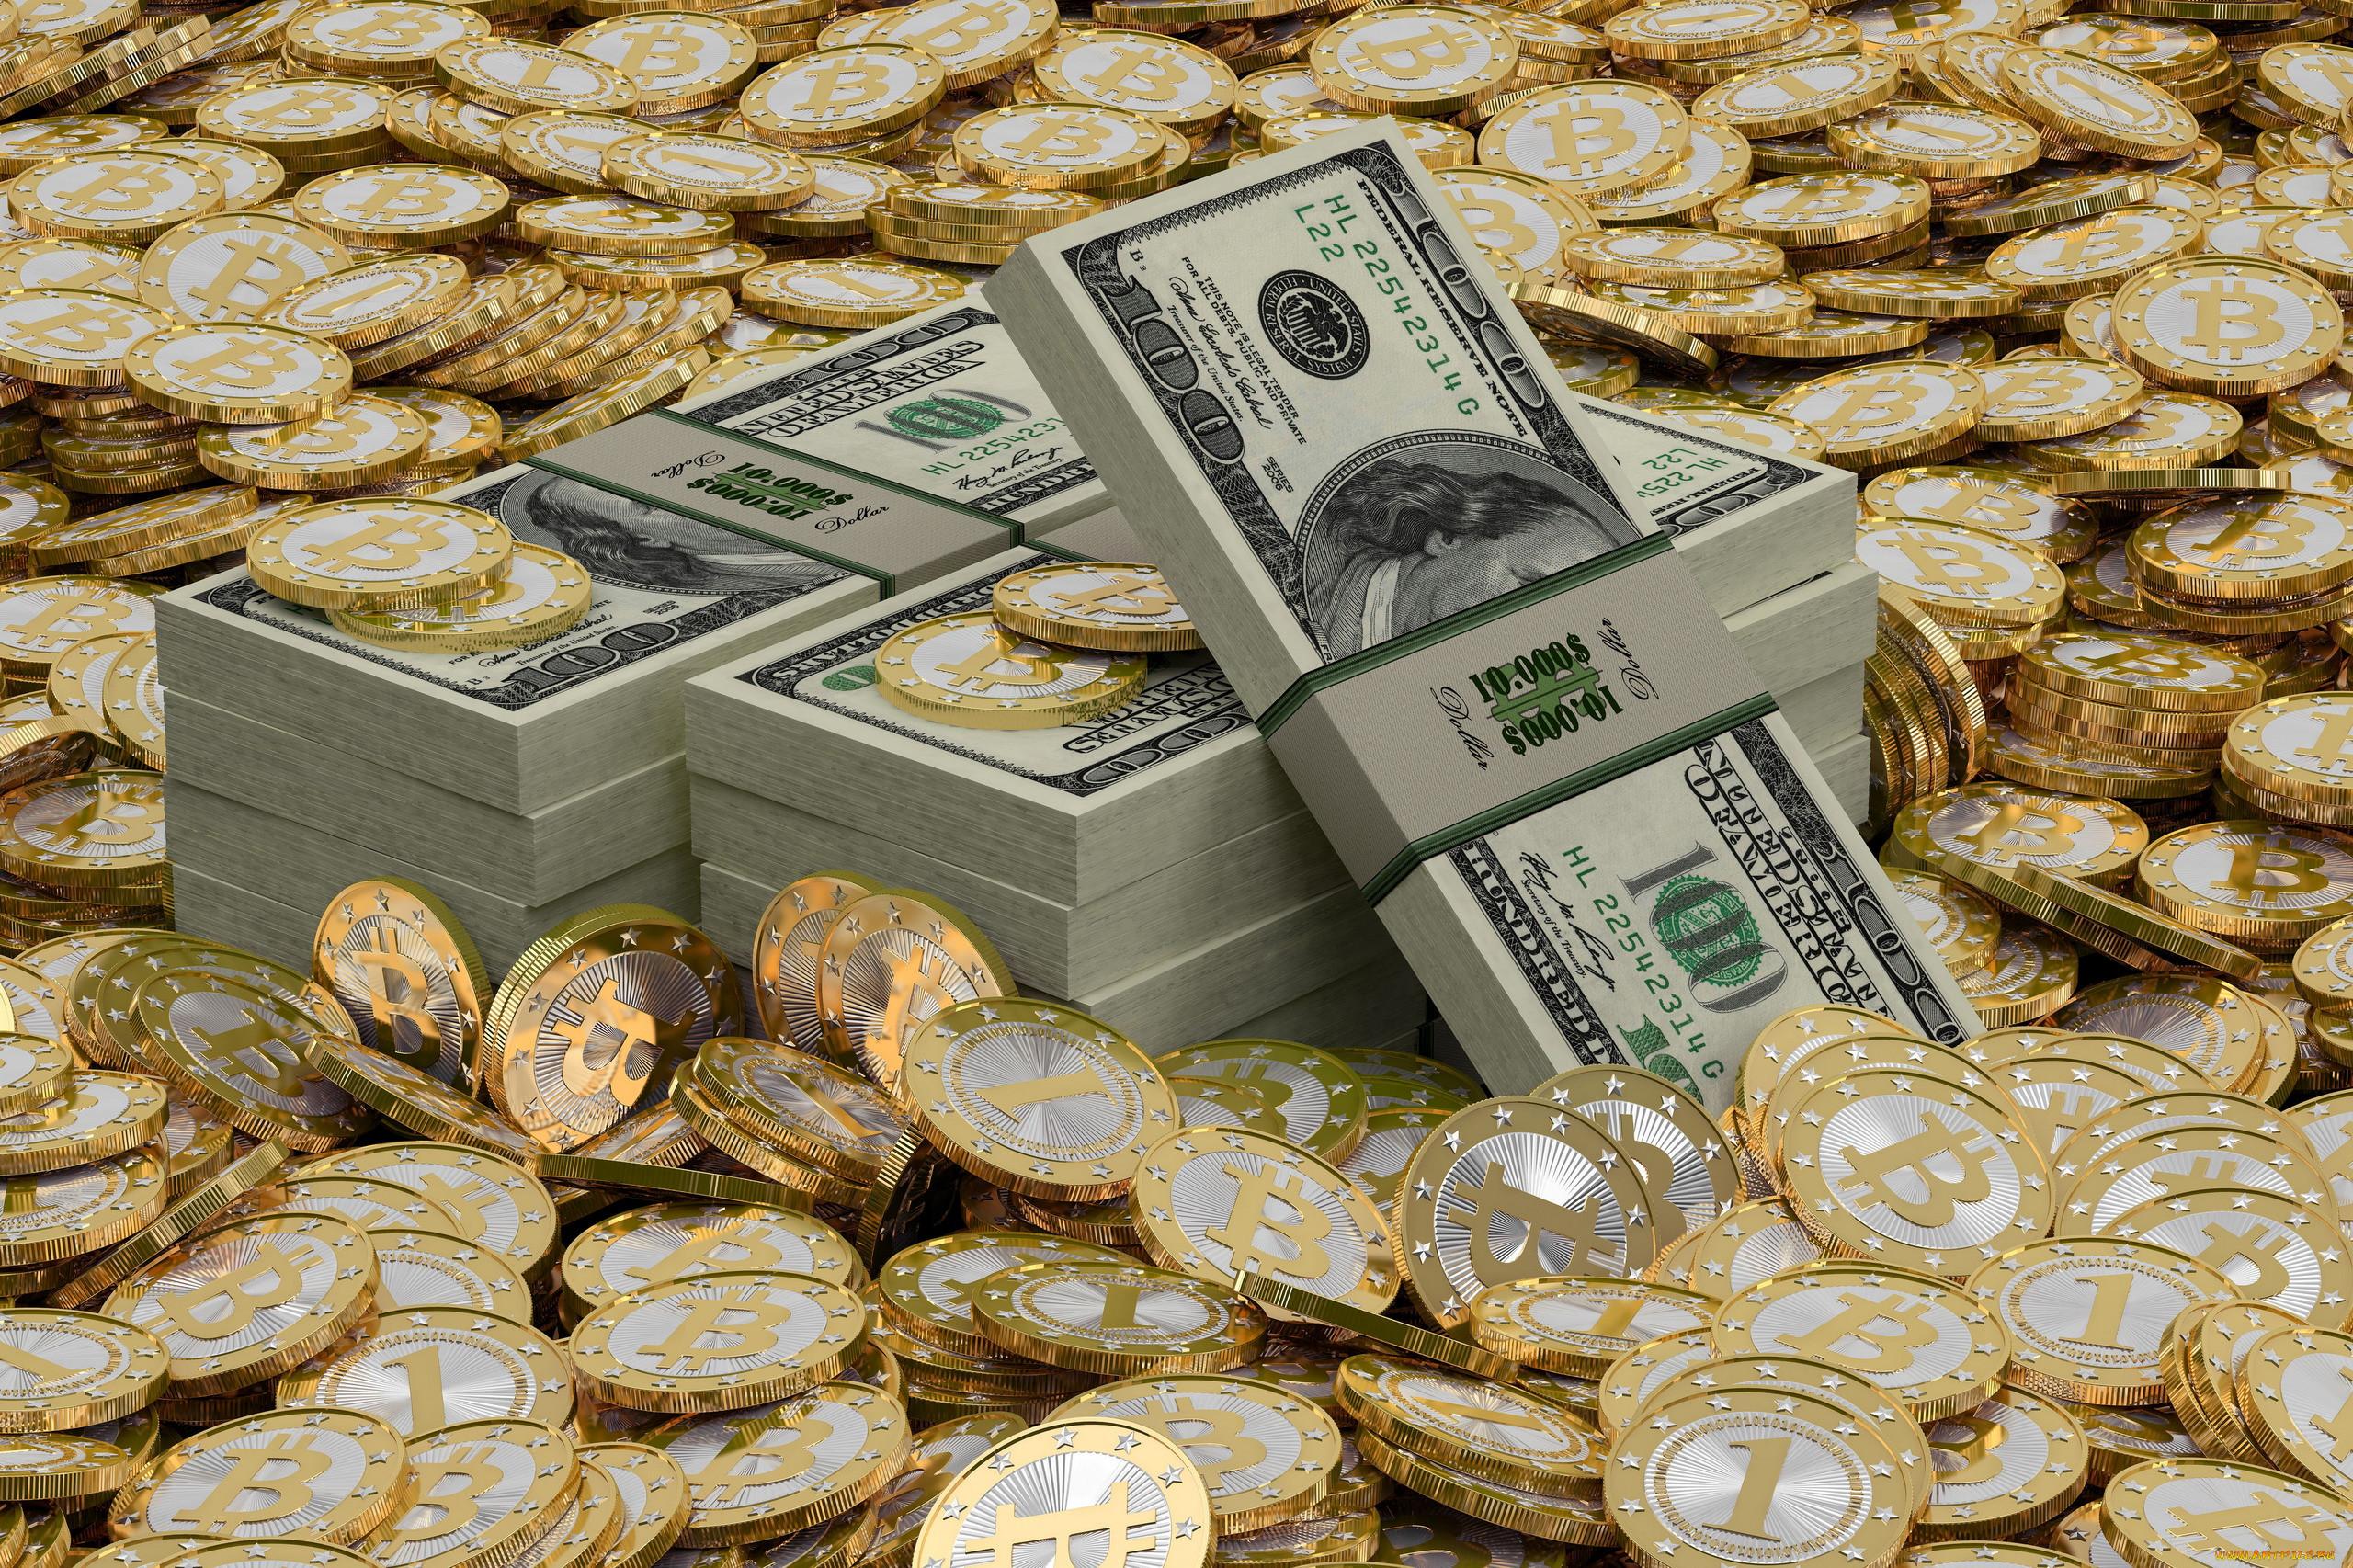 открытки с изображением денег и золота что